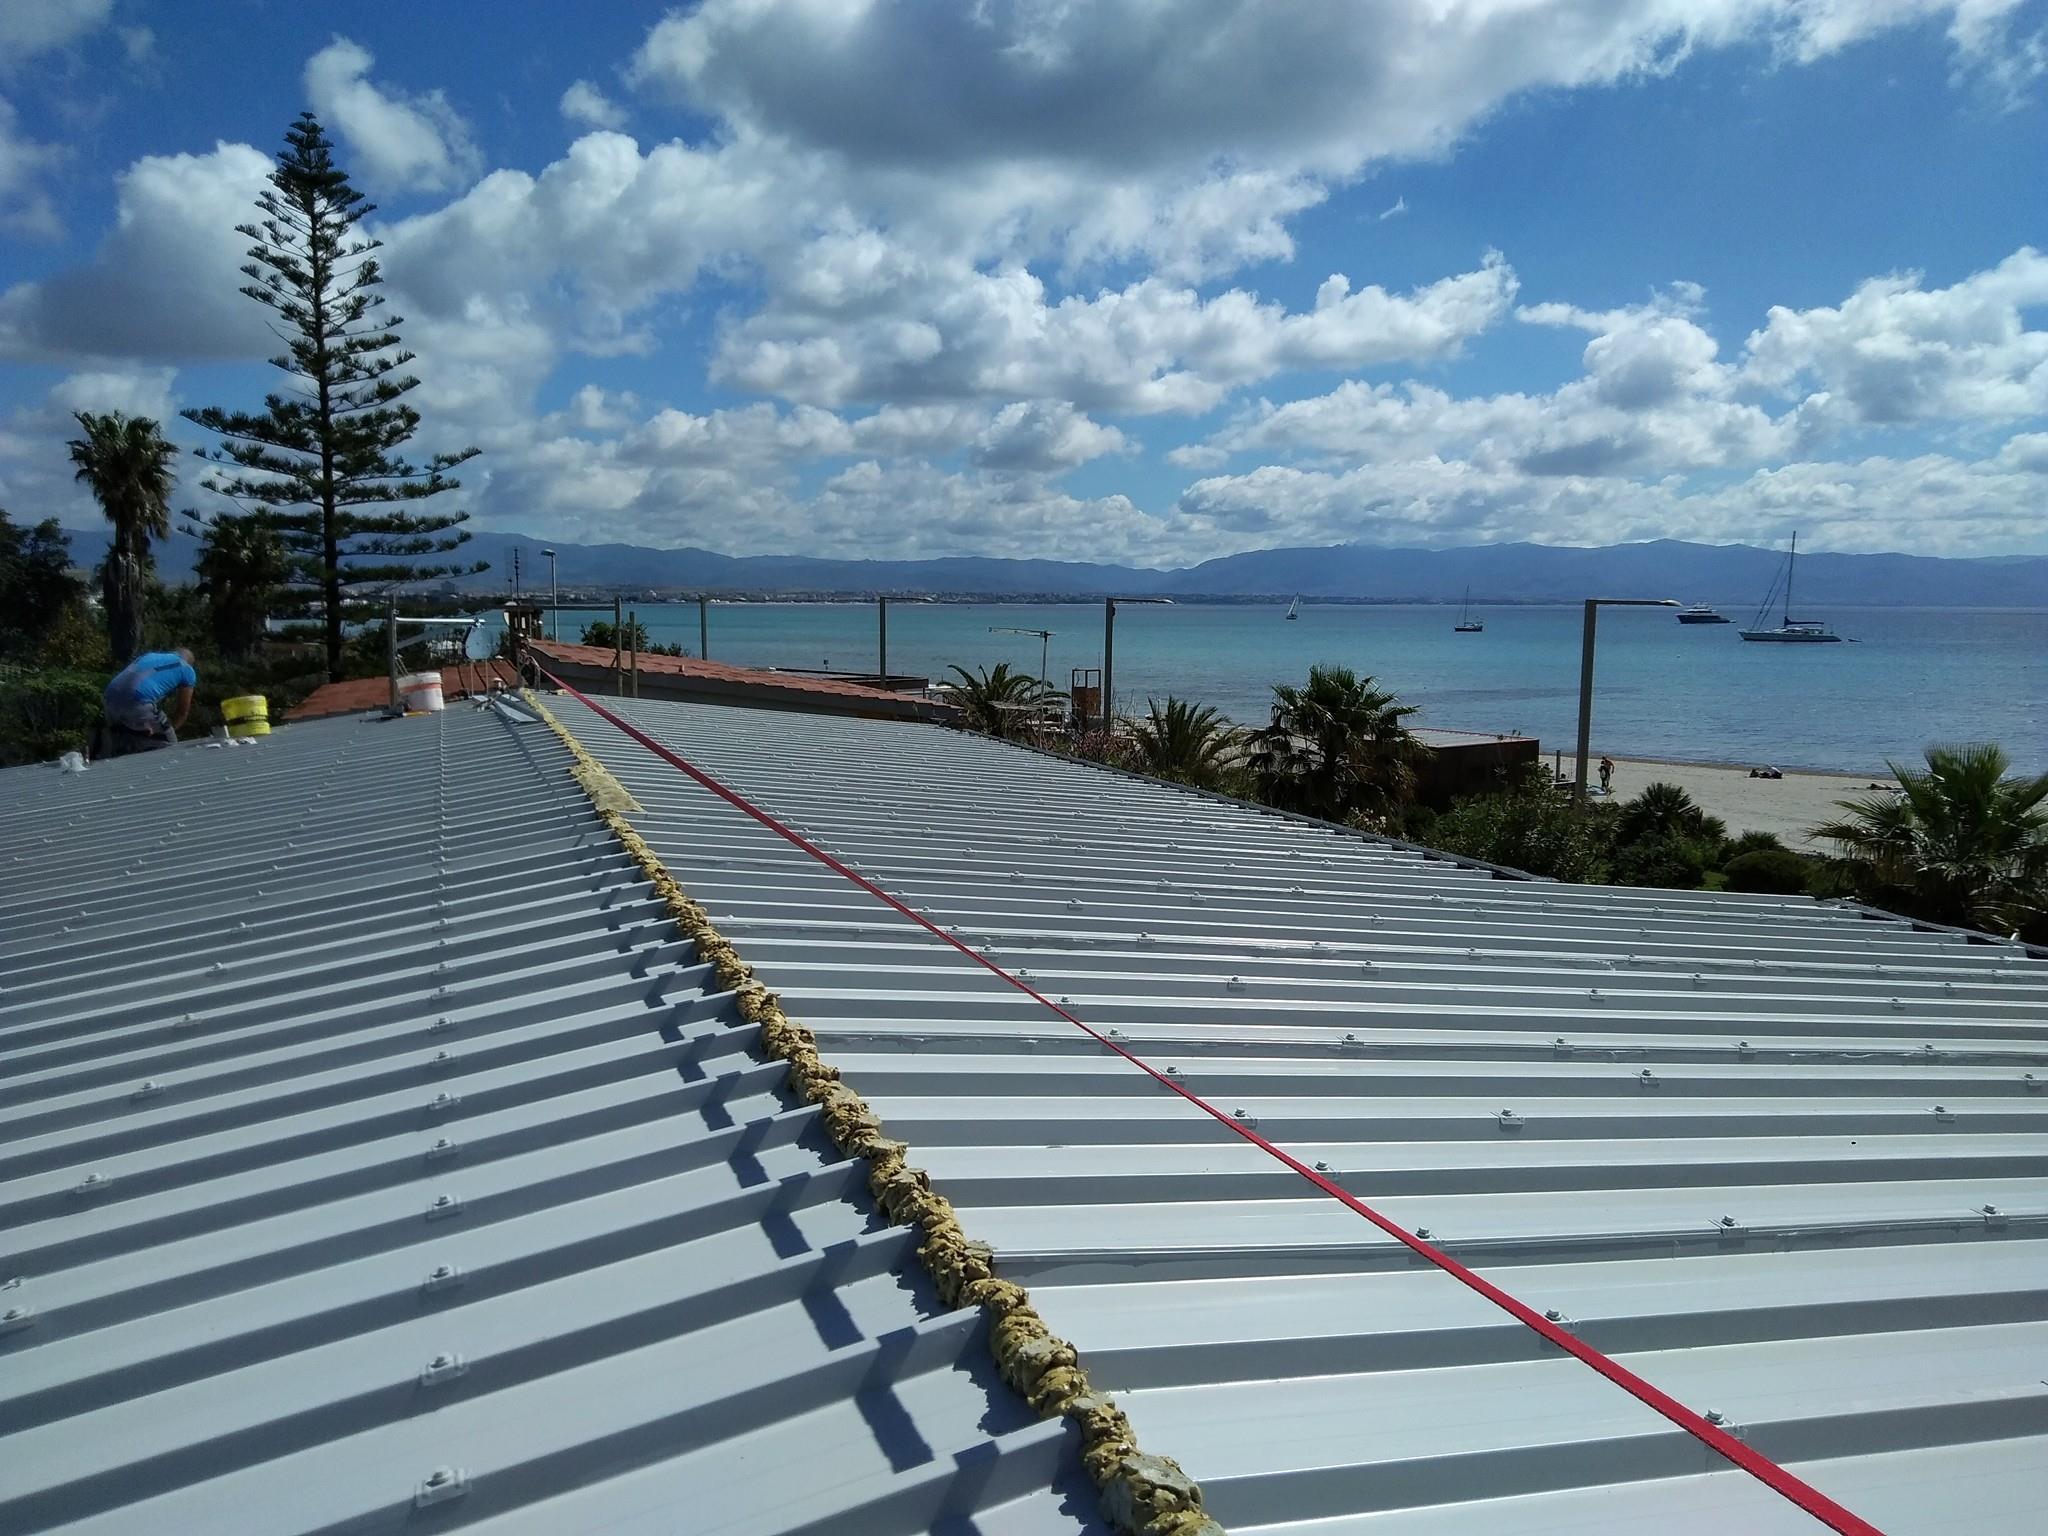 coperture-tetti-lattonerie-cagliari-sardegna